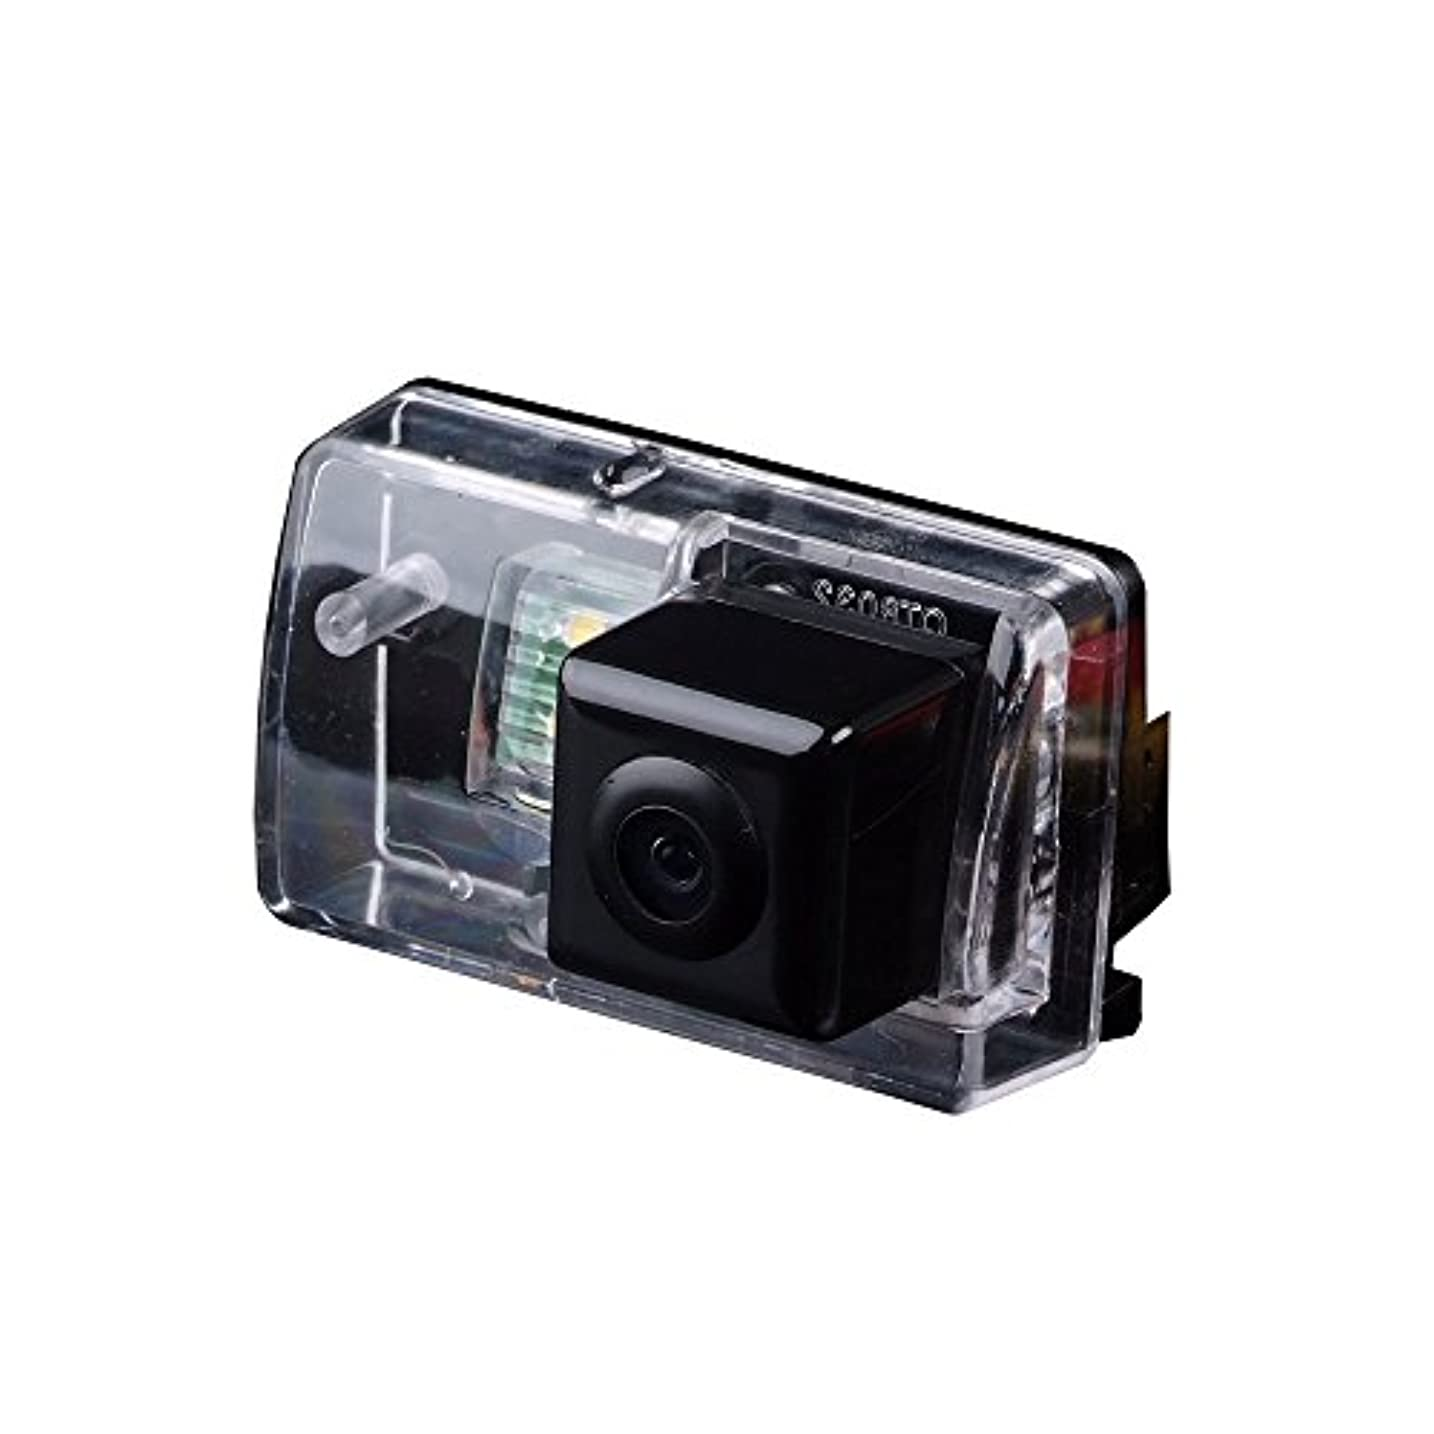 世辞単にタックDynavsal CCDバックカメラ/リアビューカメラ 【一年保証 小型高画質 170°超広角 夜間可視 防水耐震 高耐久性 LEDライト】車載カメラ リバースバックカメラ パーキングアシストカメラ カラーナイトビジョンカメラ,ナンバープレートライト 専用 ?に合う 206 207 306 407 307 307SM Sedan (モデル2 LEDなし)